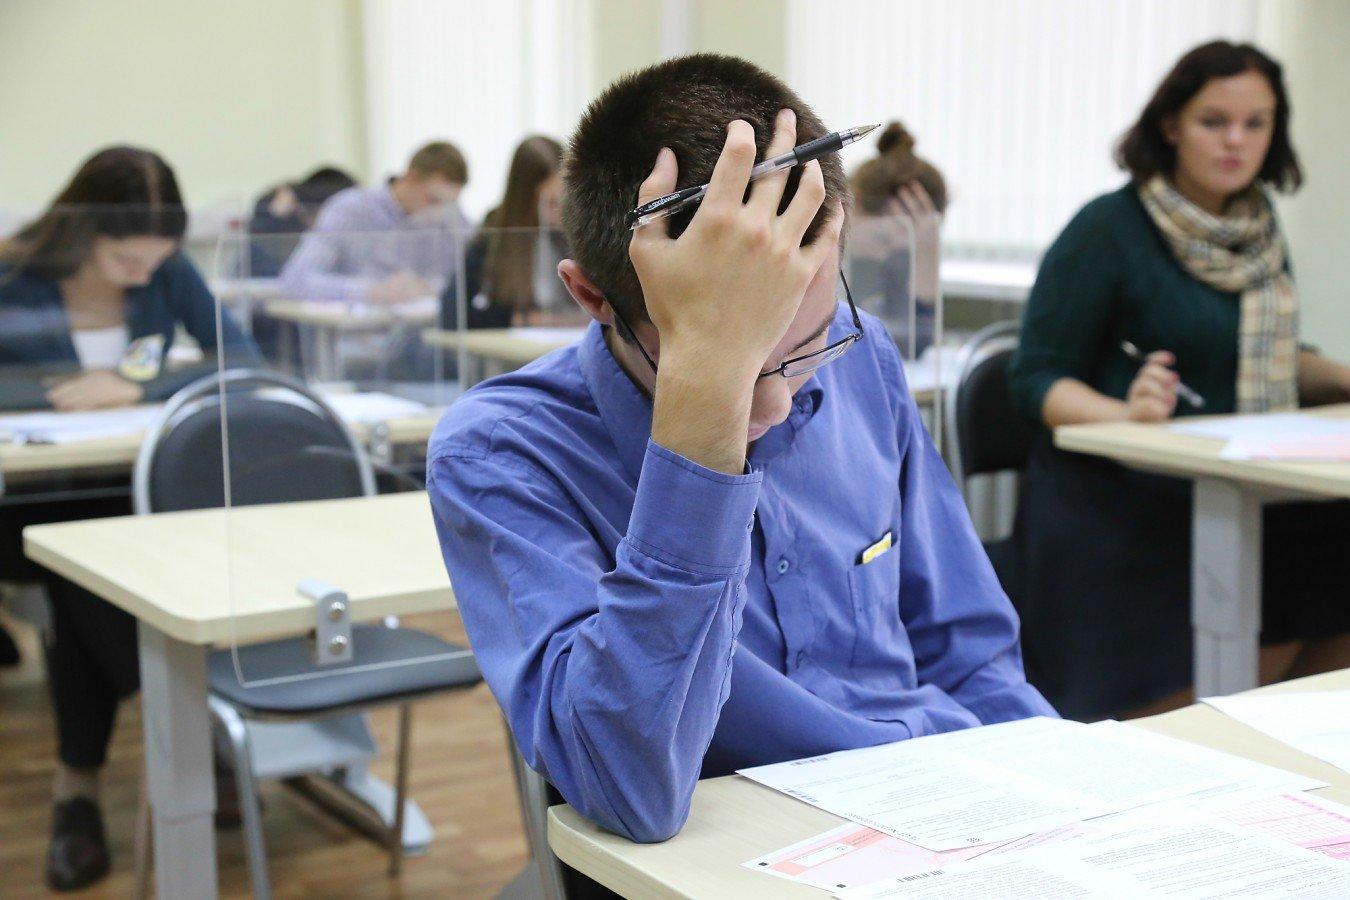 Студентка пришла сдавать экзамен, Студентки сдали экзамен профессору устно 27 фотография